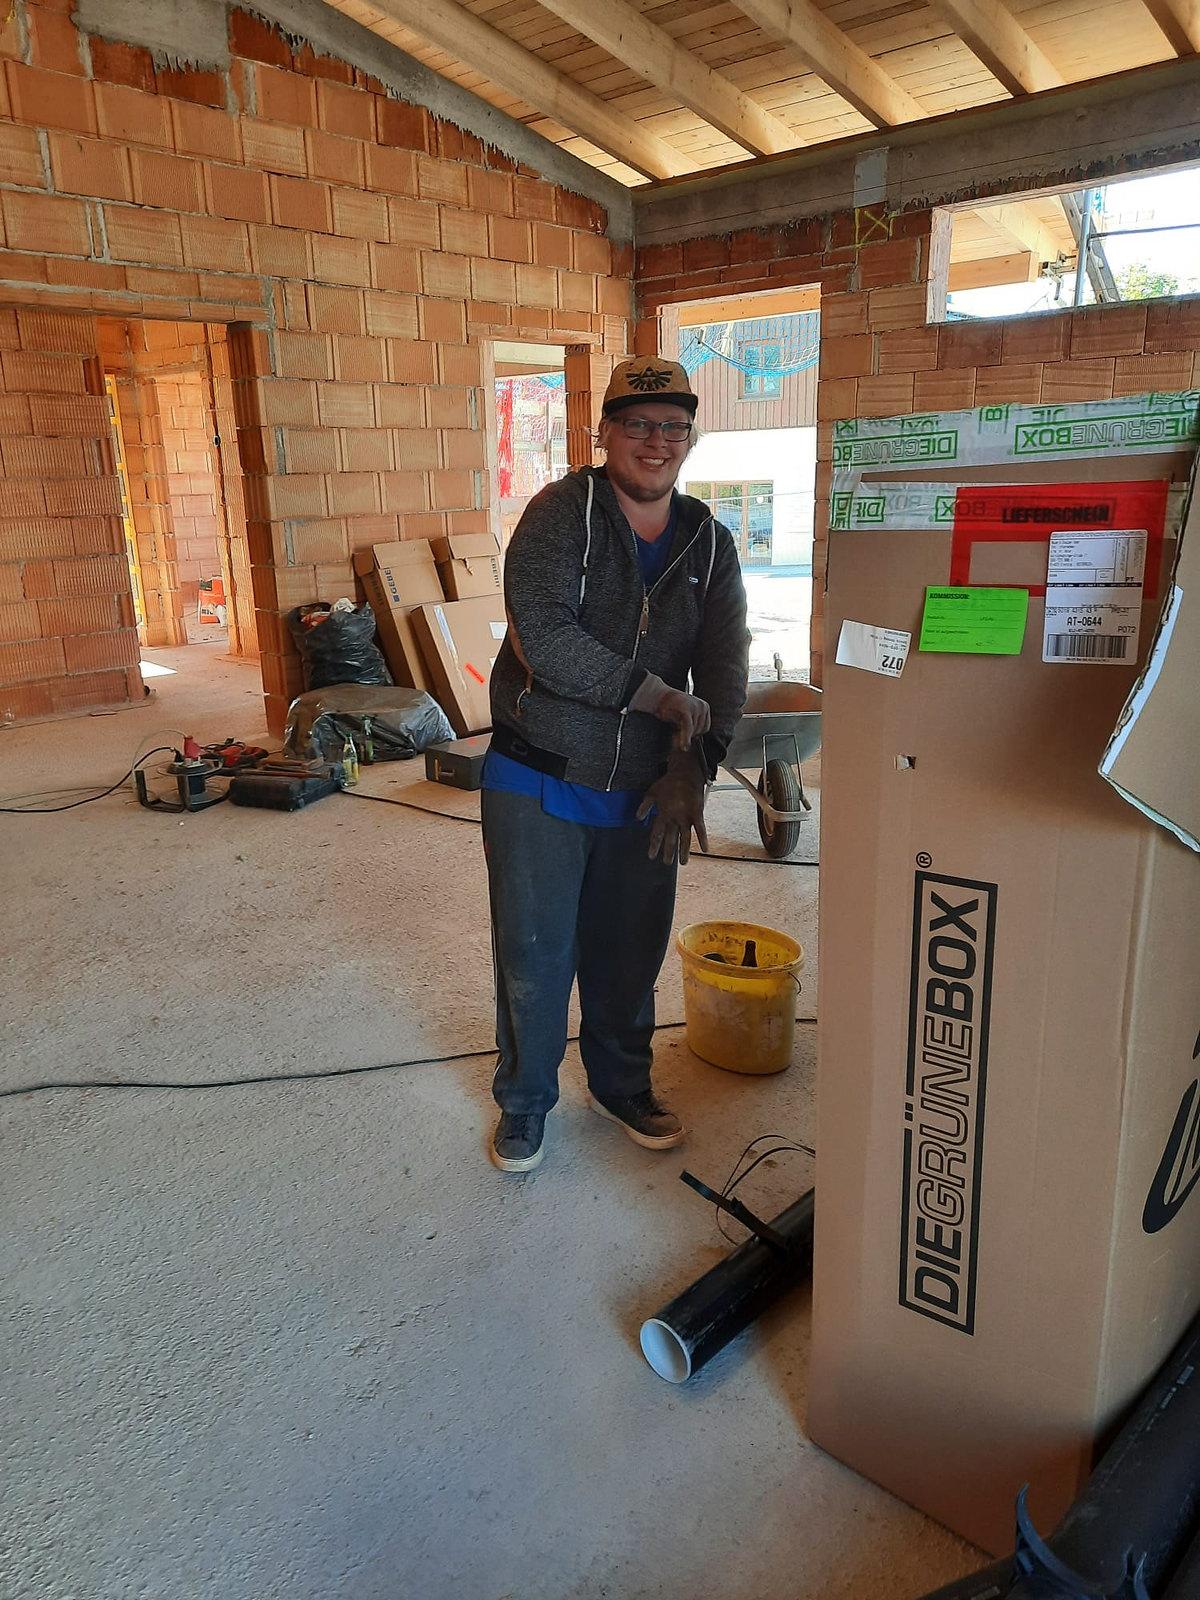 21_09_04 Elektriker u. Installations Arbeiten 02.jpg